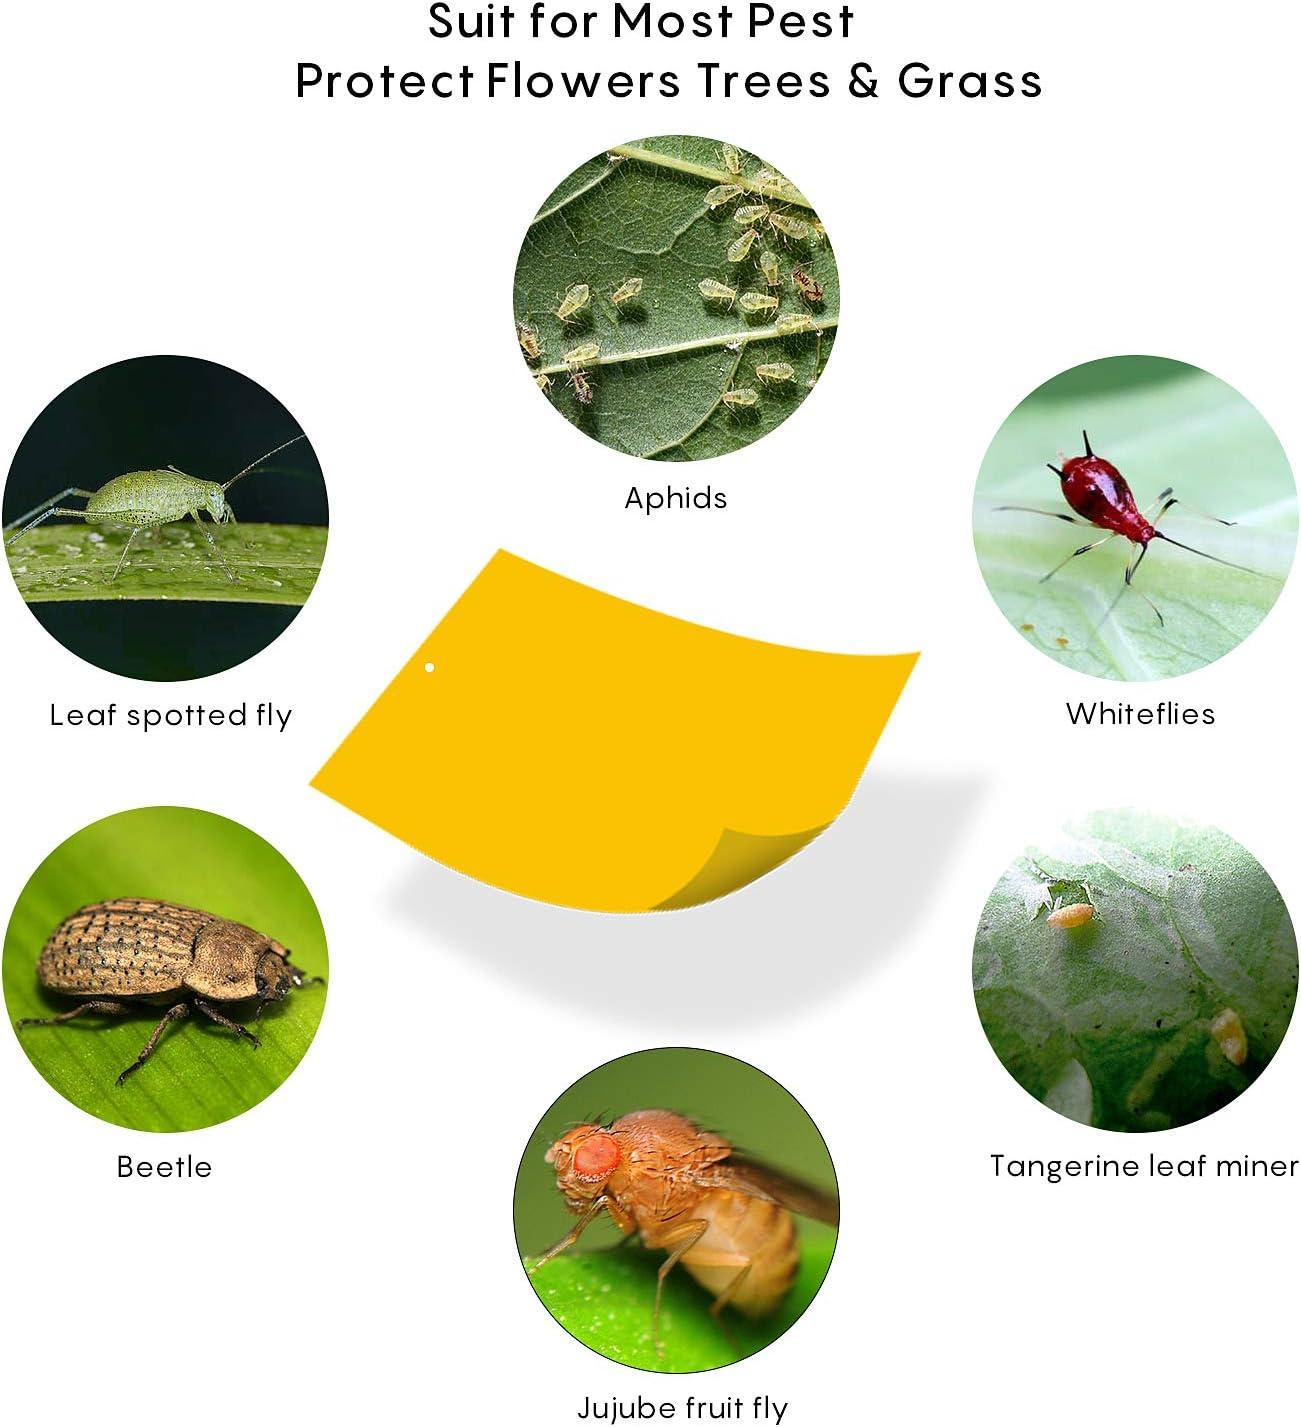 HellDoler Trampas de Insectos de Doble Cara,50 Piezas Trampas Pegajosas Papeles Pegajosos Amarillos Trampas de Moscas para Moscas, Pulgones, Mineros de Hojas, Polillas,15x20cm (50PCS): Amazon.es: Jardín